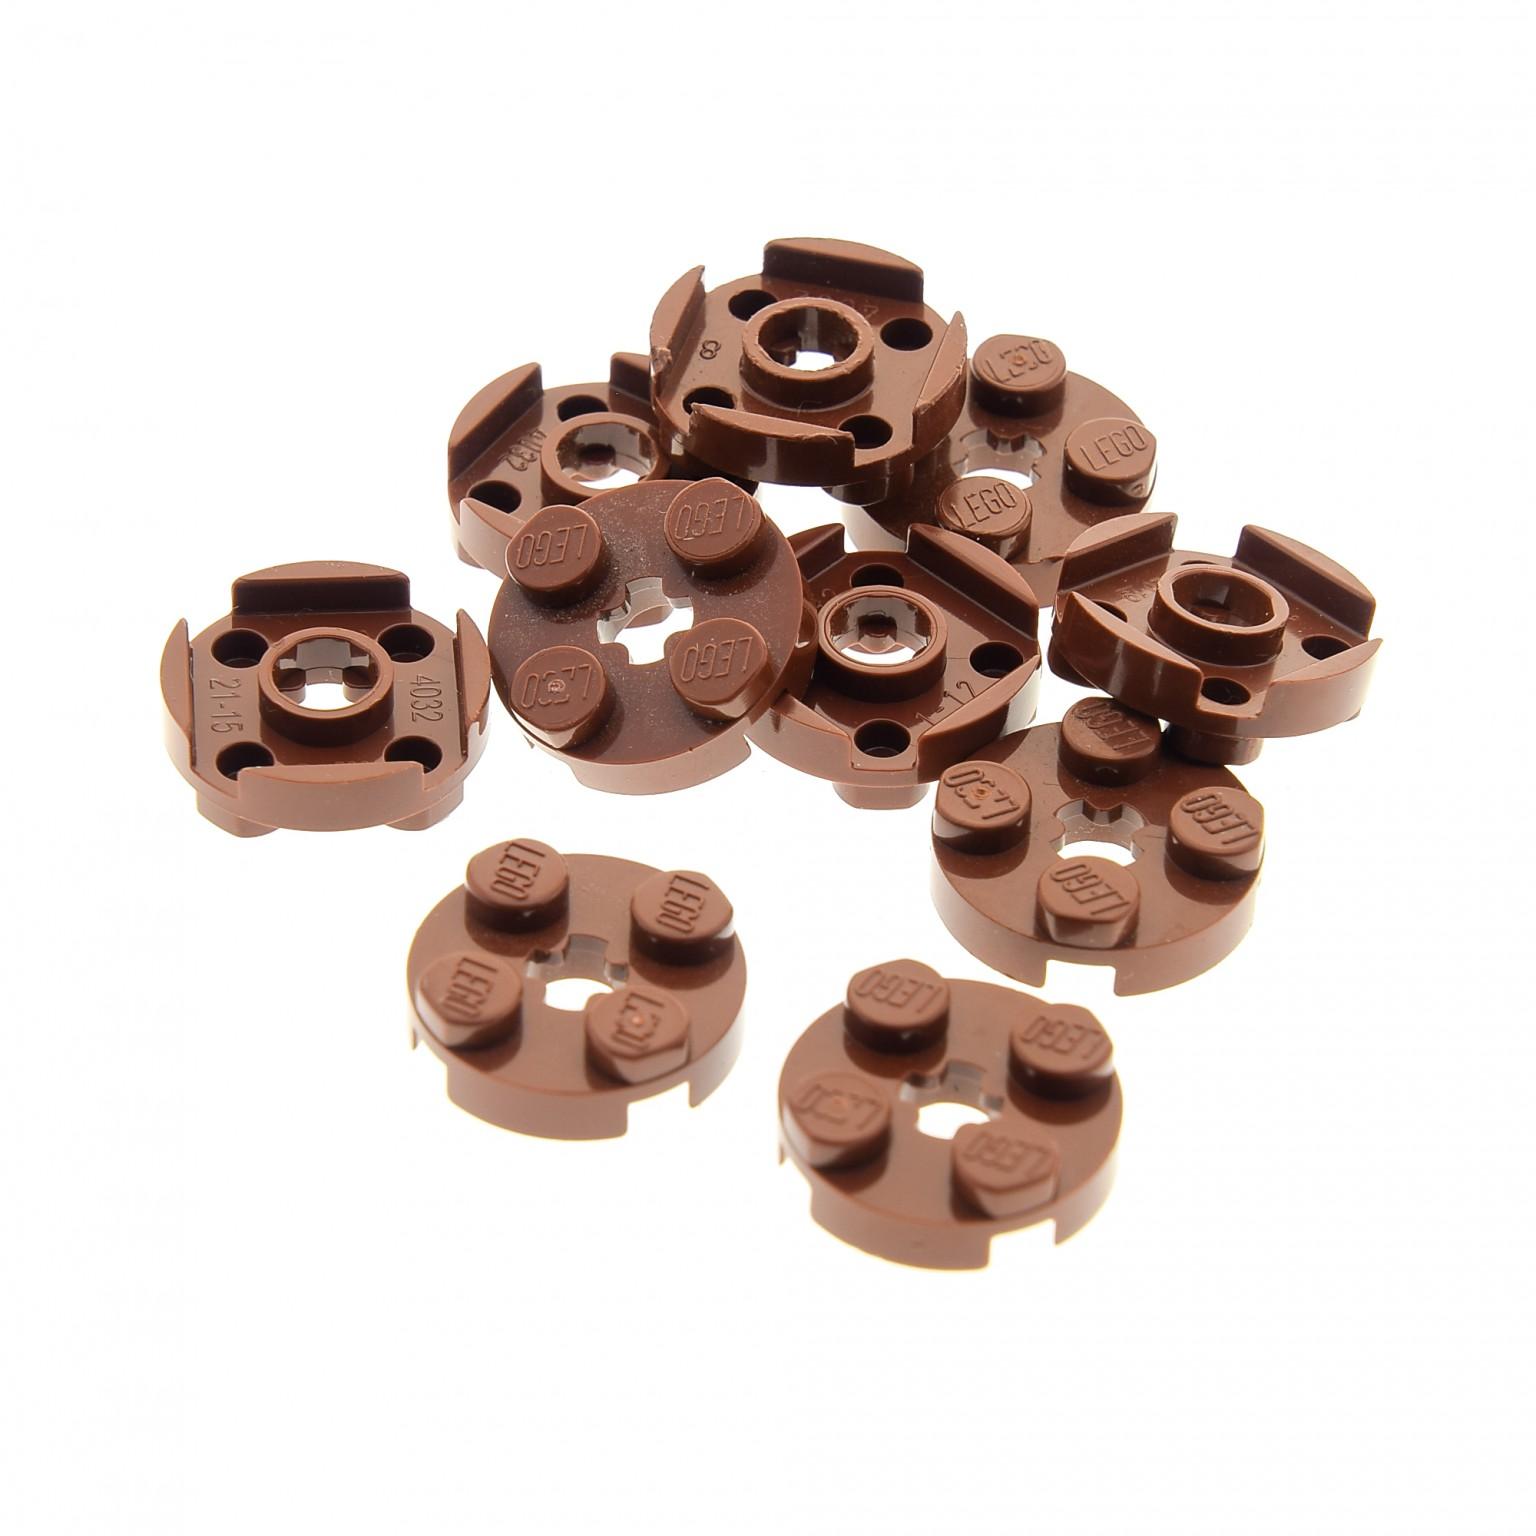 10 x LEGO® 4032 System,Baustein,nougat braun runde 2x2 Steine flach.